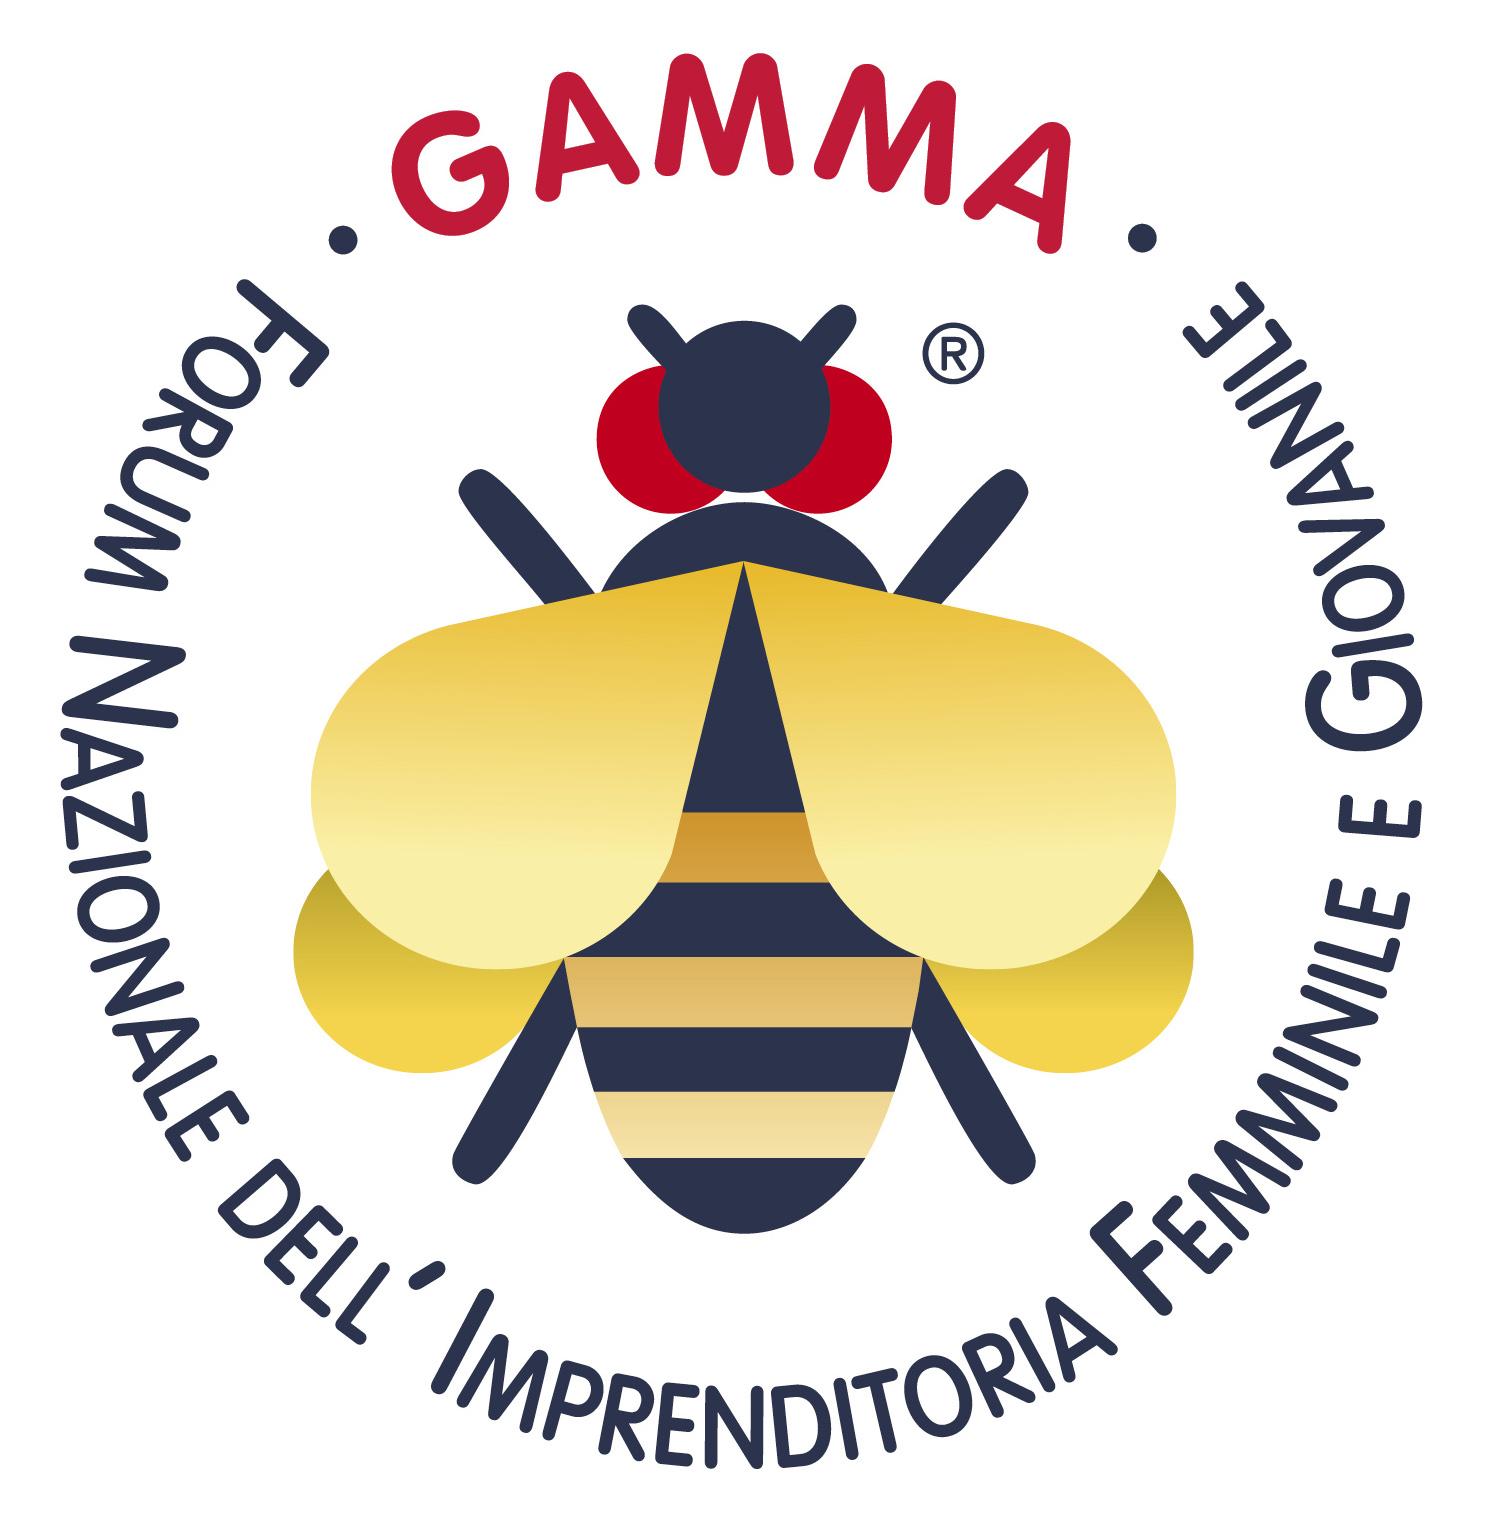 Il Premio GammaDonna per l'imprenditoria innovativa alla sua undicesima edizione: è possibile iscriversi da oggi fino al 5 agosto